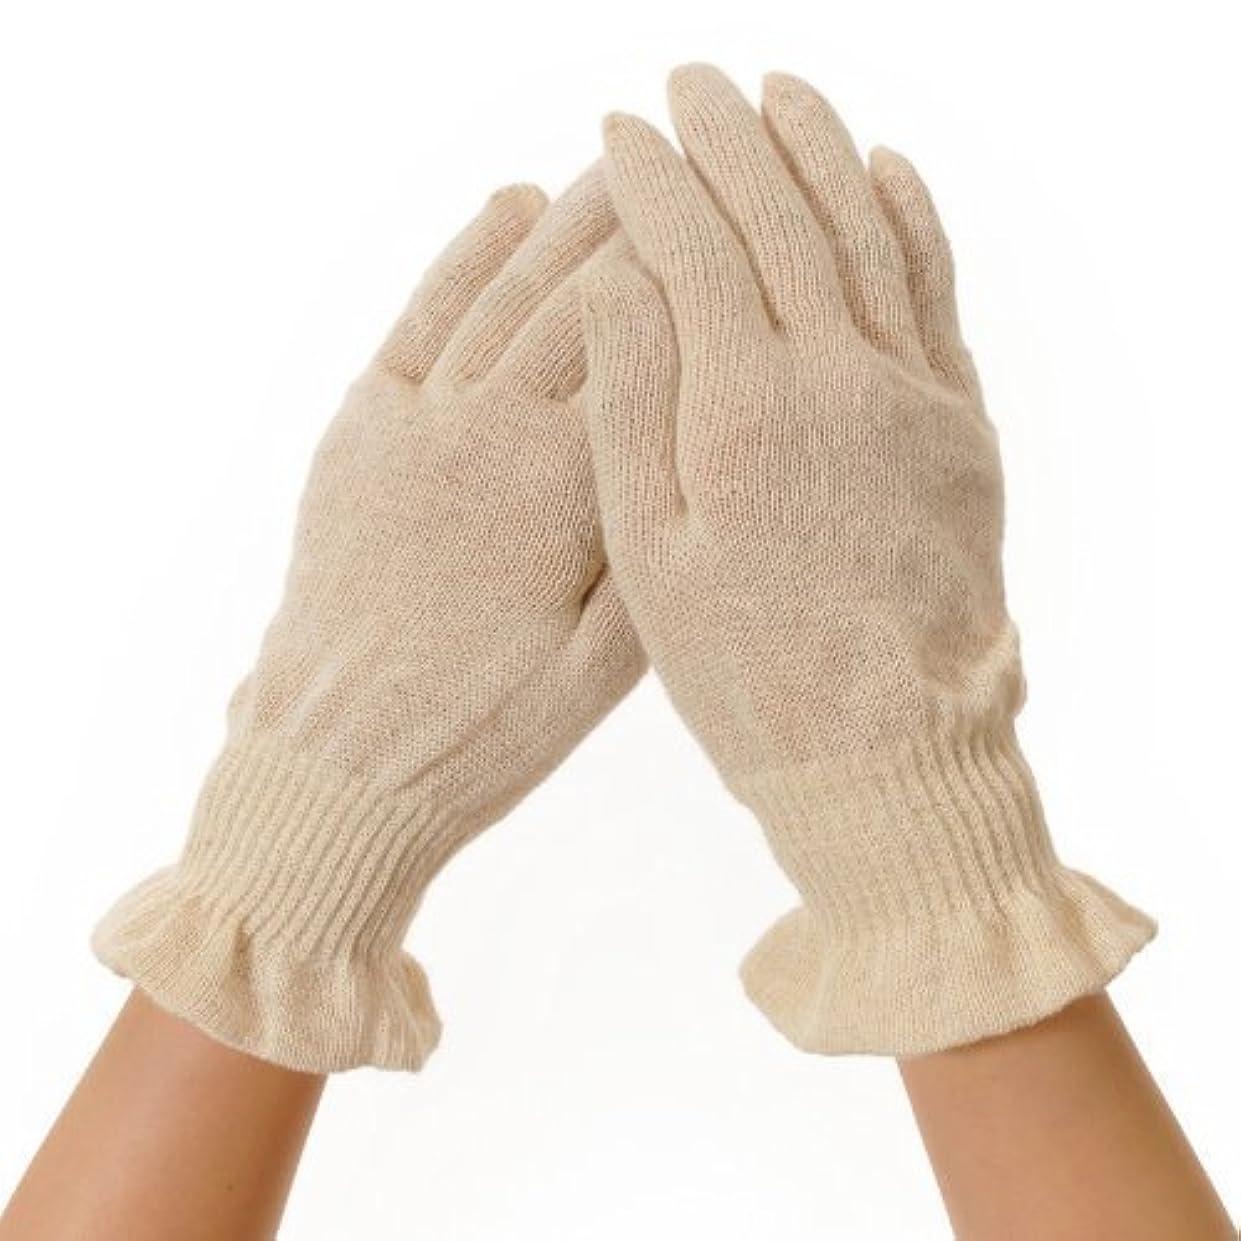 隣接する中庭勧告麻福 就寝用 手袋 [寝ている間に保湿で手荒れケア おやすみ手袋] 麻福特製ヘンプ糸 Rサイズ (女性ゆったり/男性ジャストフィット) きなり色 手荒れ予防